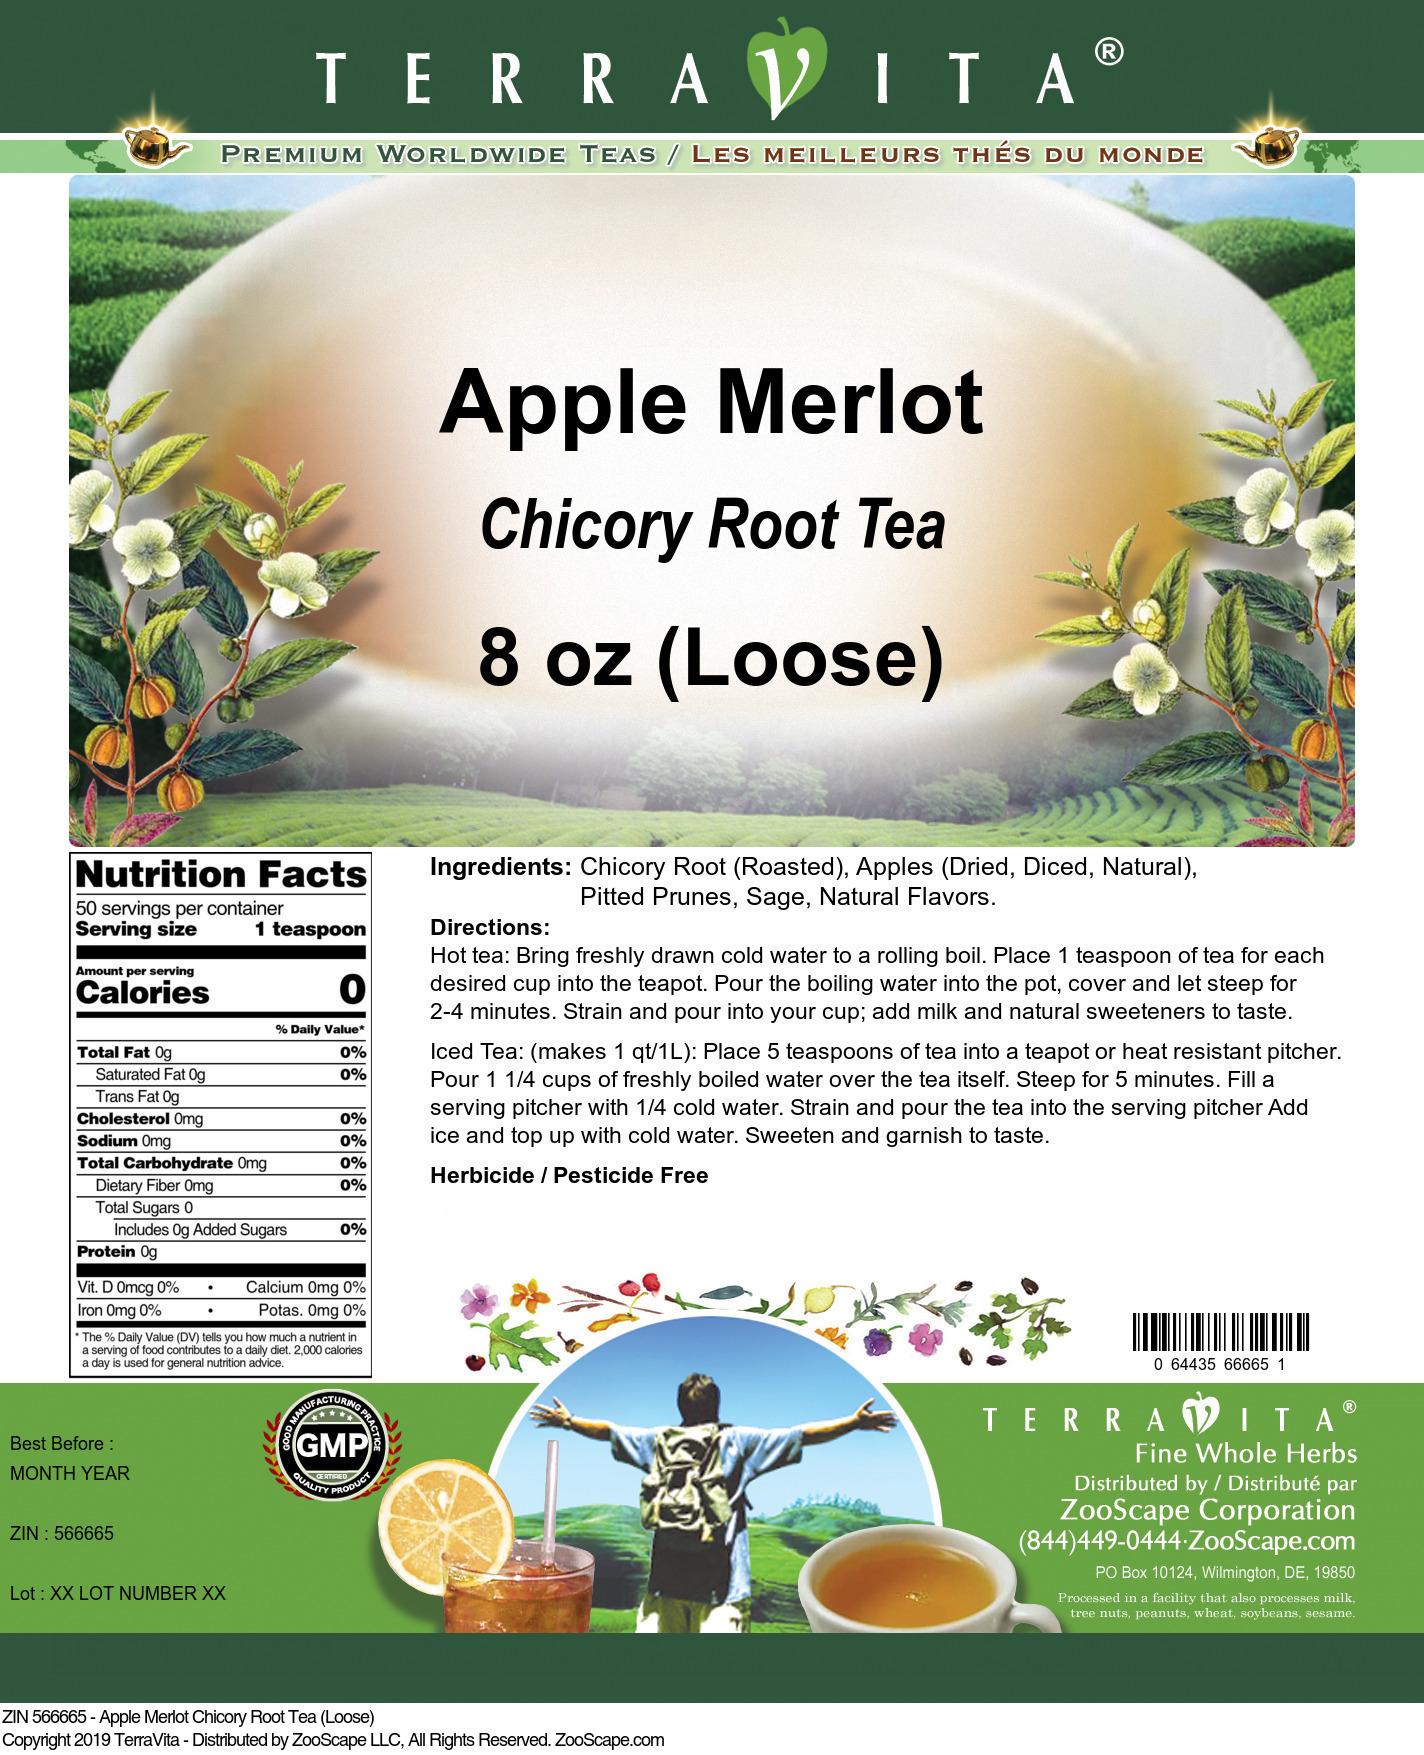 Apple Merlot Chicory Root